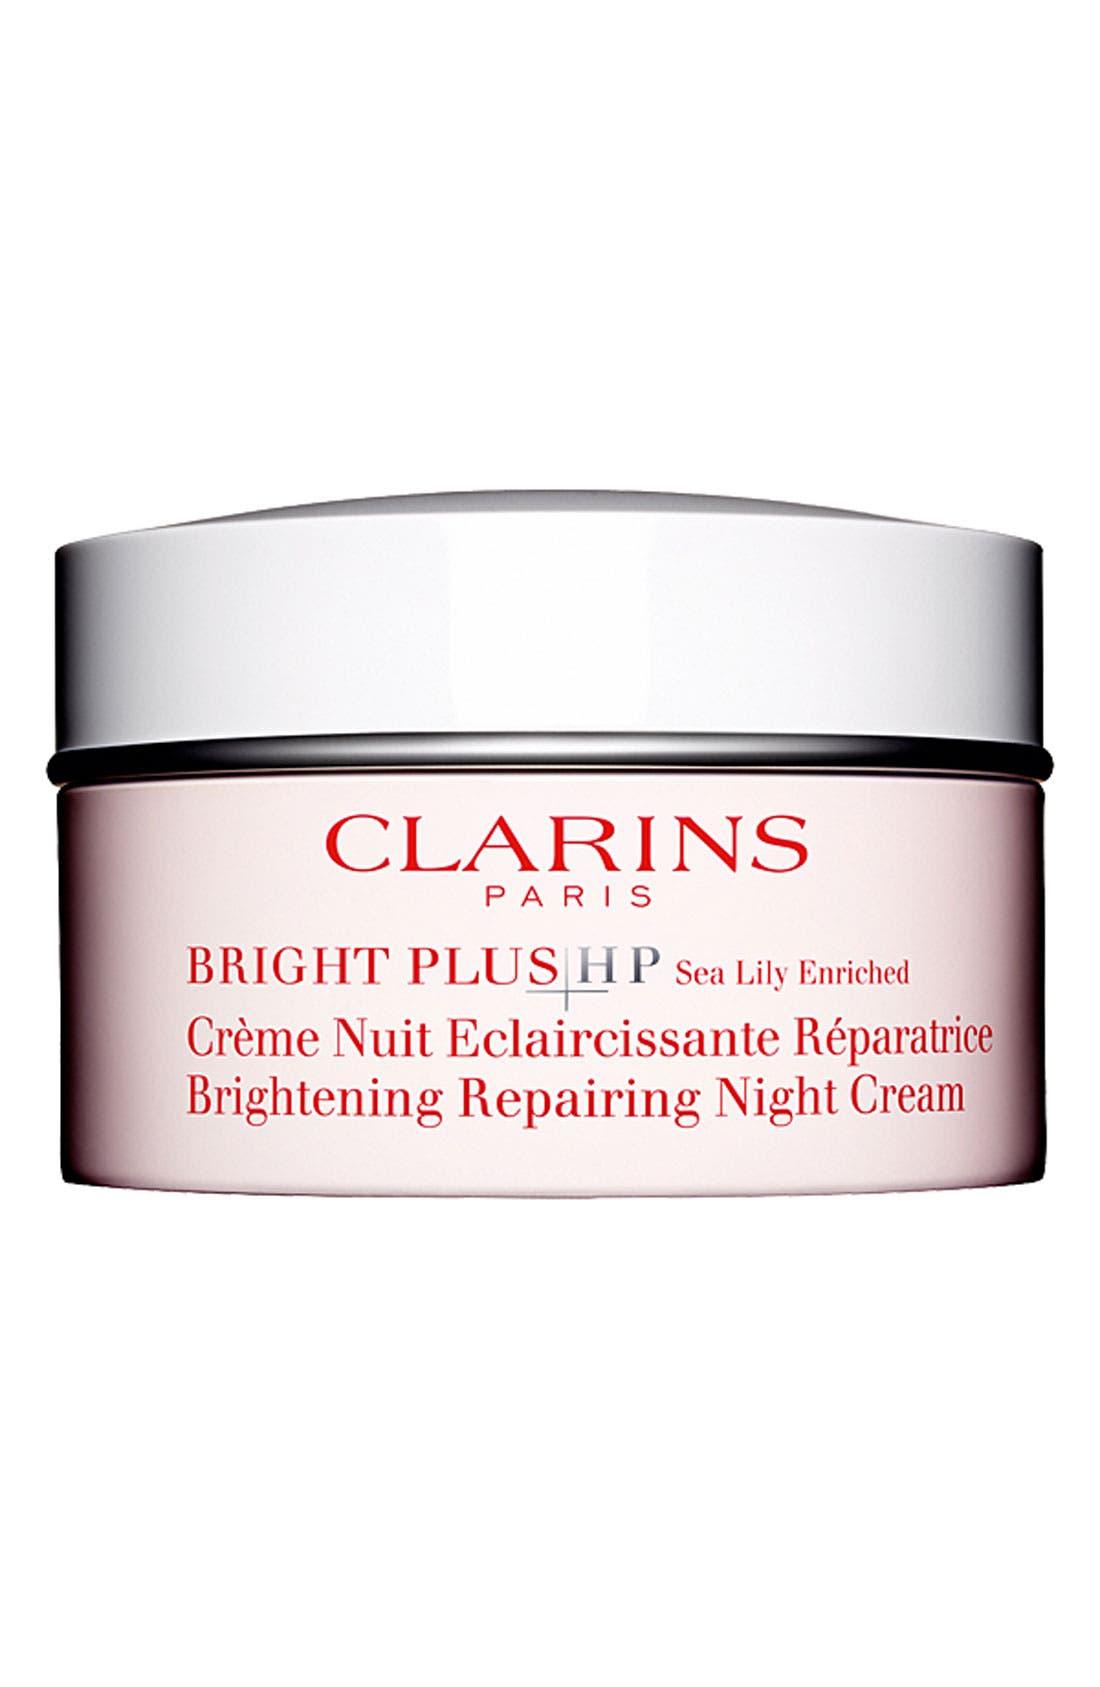 'Bright Plus HP' Brightening Repairing Night Cream,                             Main thumbnail 1, color,                             000